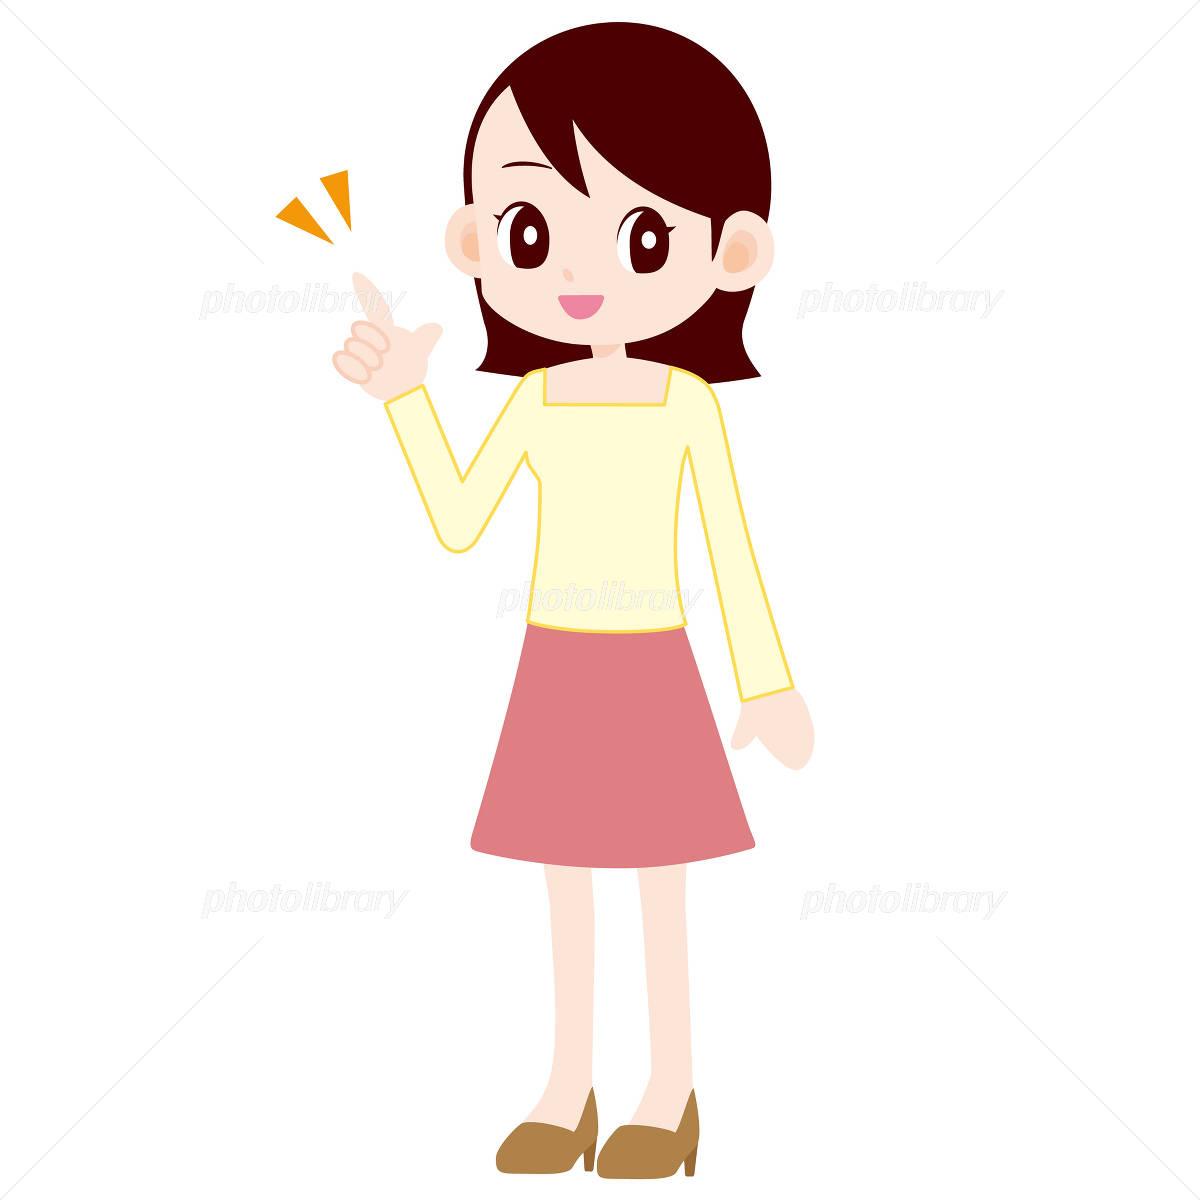 スカートをはいた女性 指差し イラスト素材 1766579 フォトライブ